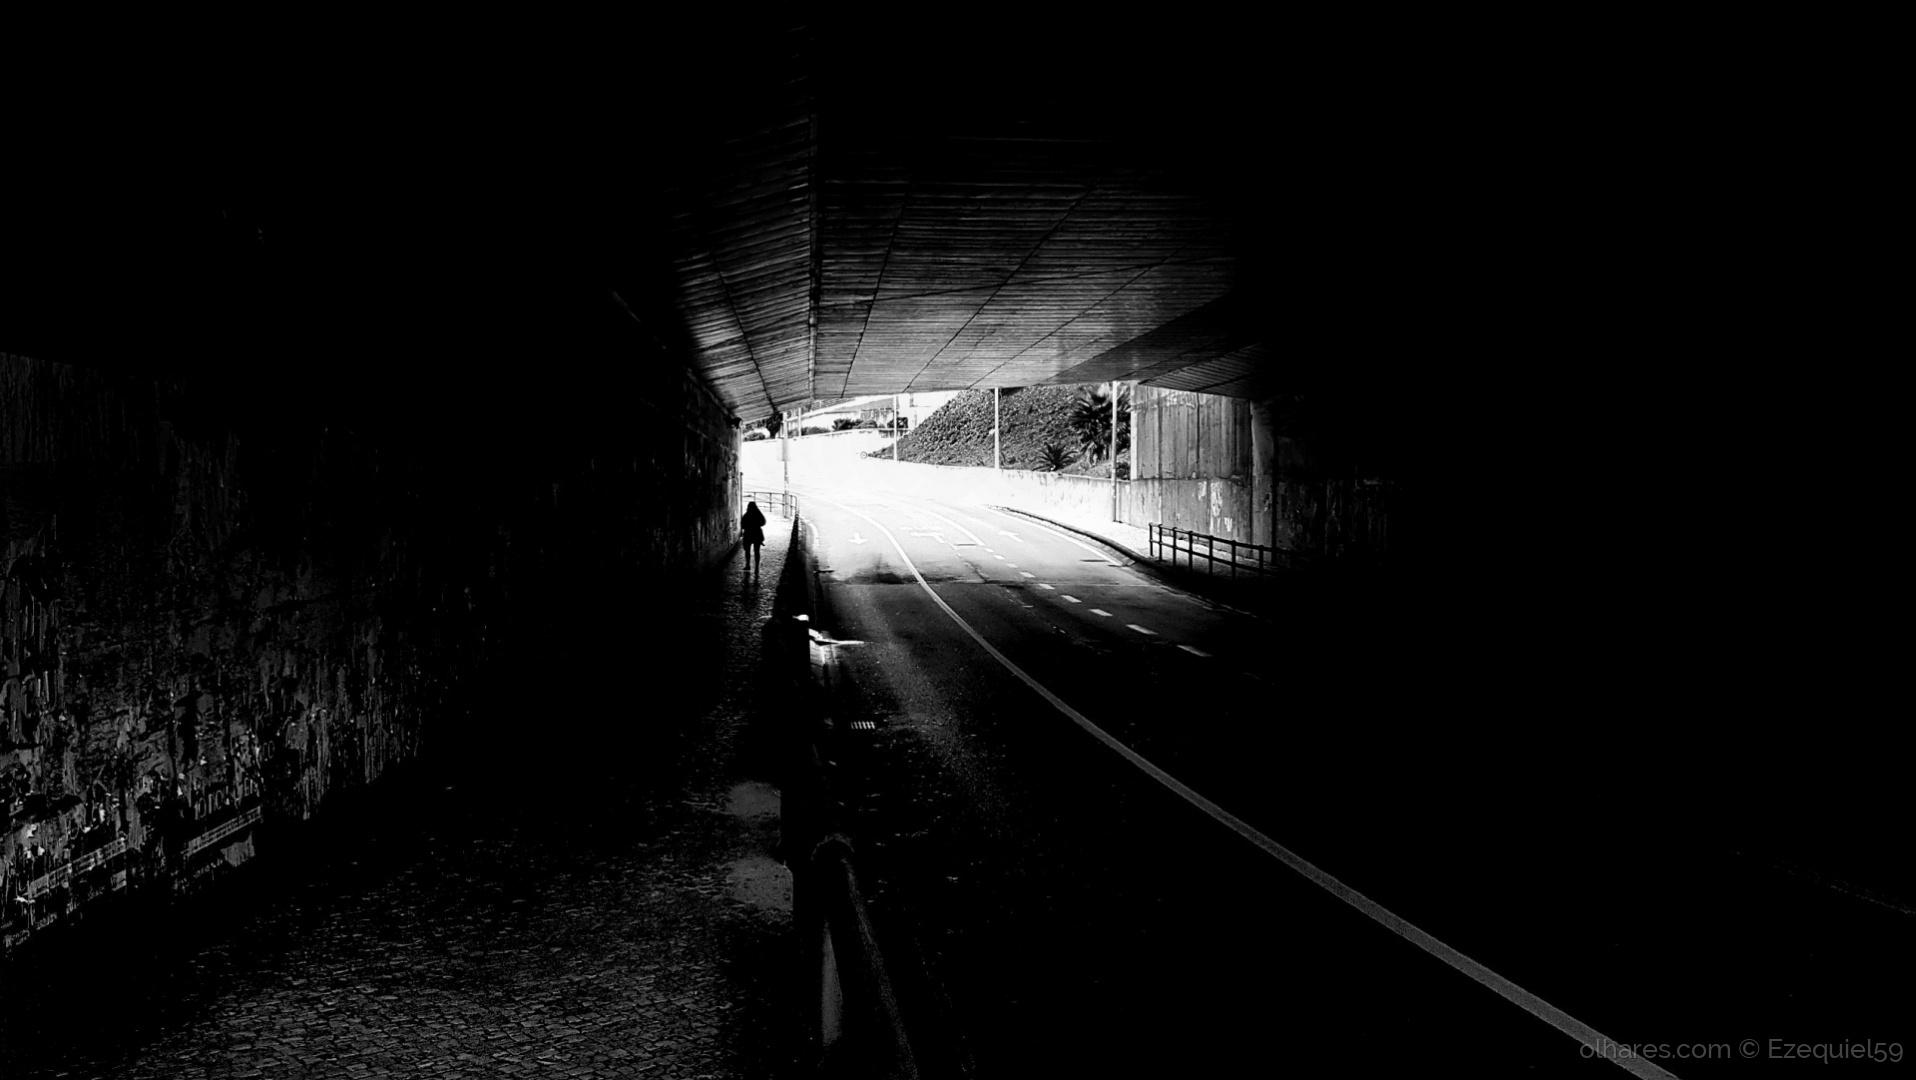 Paisagem Urbana/Da luz e das sombras (Ler descrição)